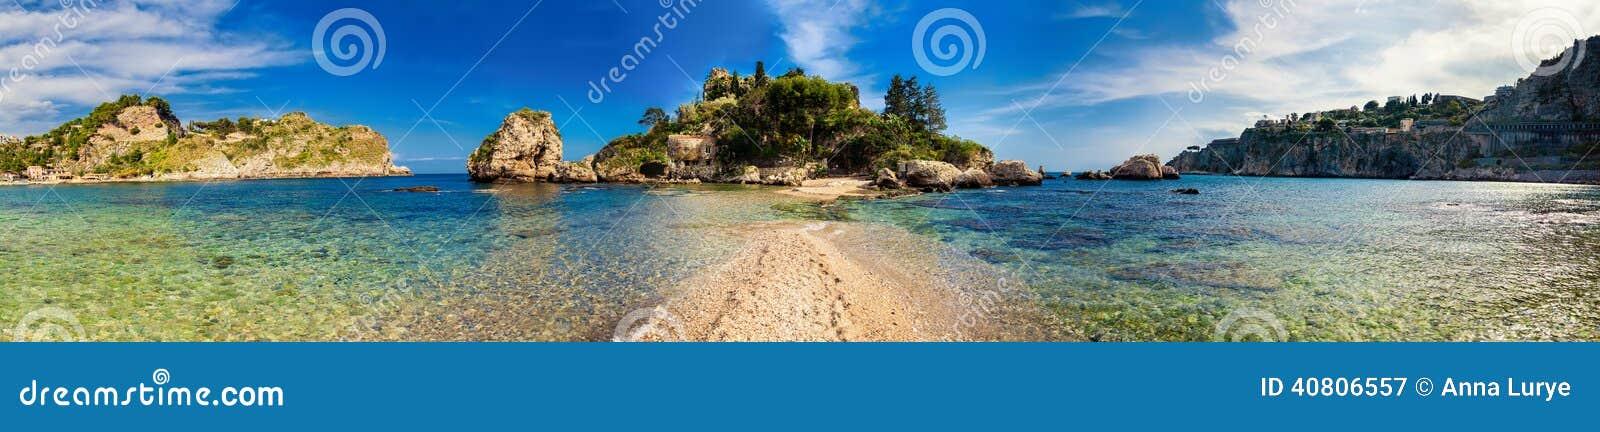 Panorama of Isola Bella in Taormina